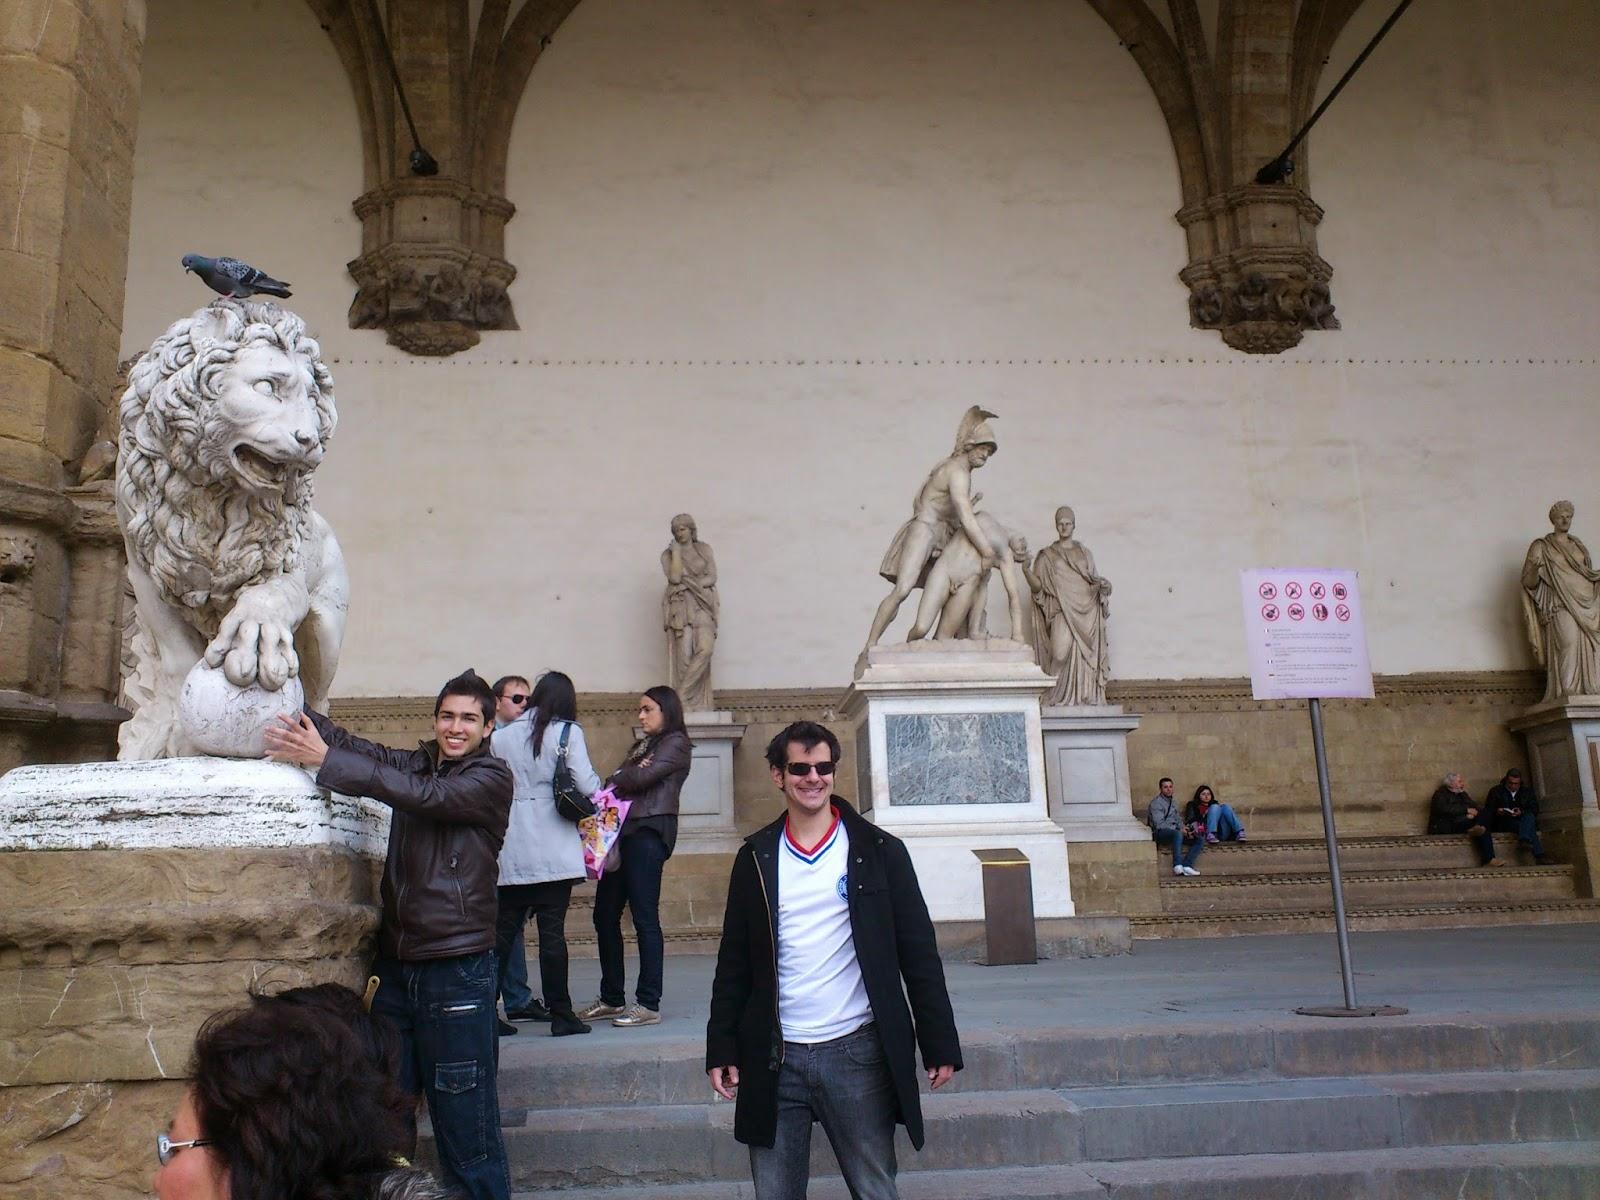 Pombo cagando na cabeça do leãozinho futebolista - Florença - Itália